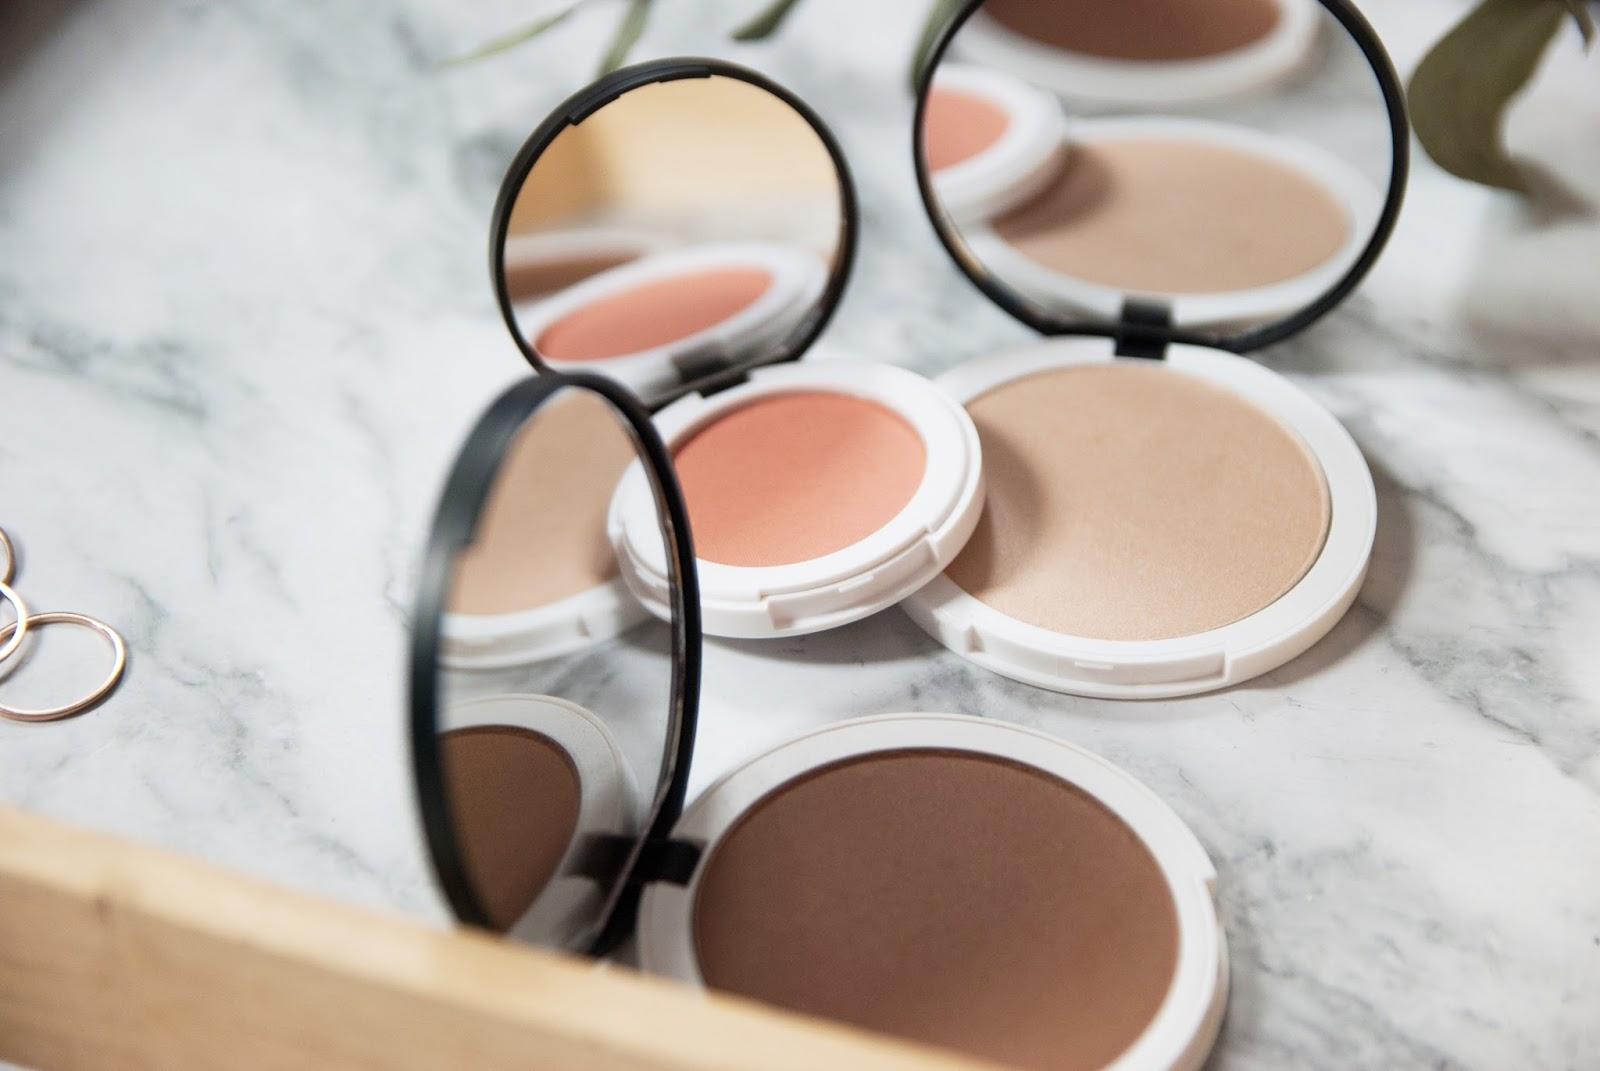 Makijaż jedną marką | Lily Lolo | Konkurs - wyniki